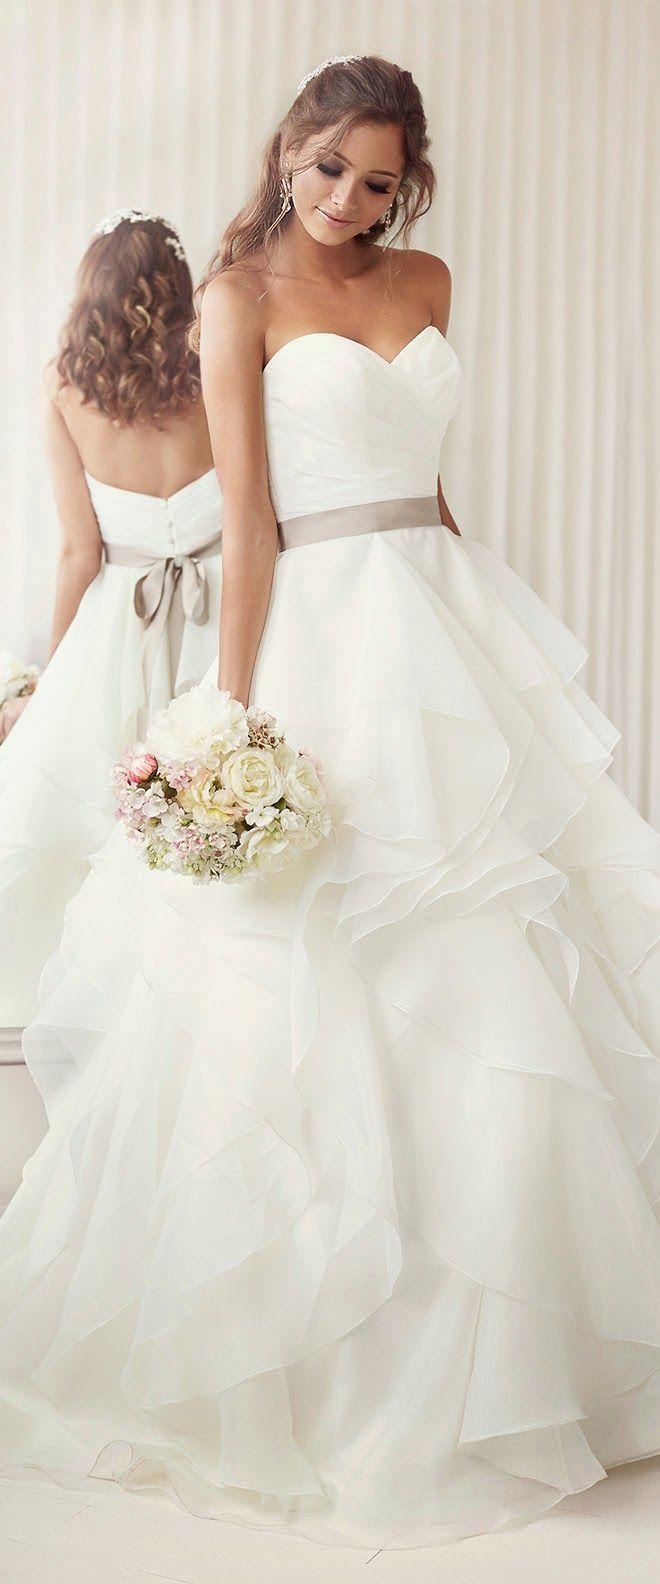 ba0f1dd7d191aa1f6ddaf6d0e3d4a387--cute-wedding-dress--wedding-dresses